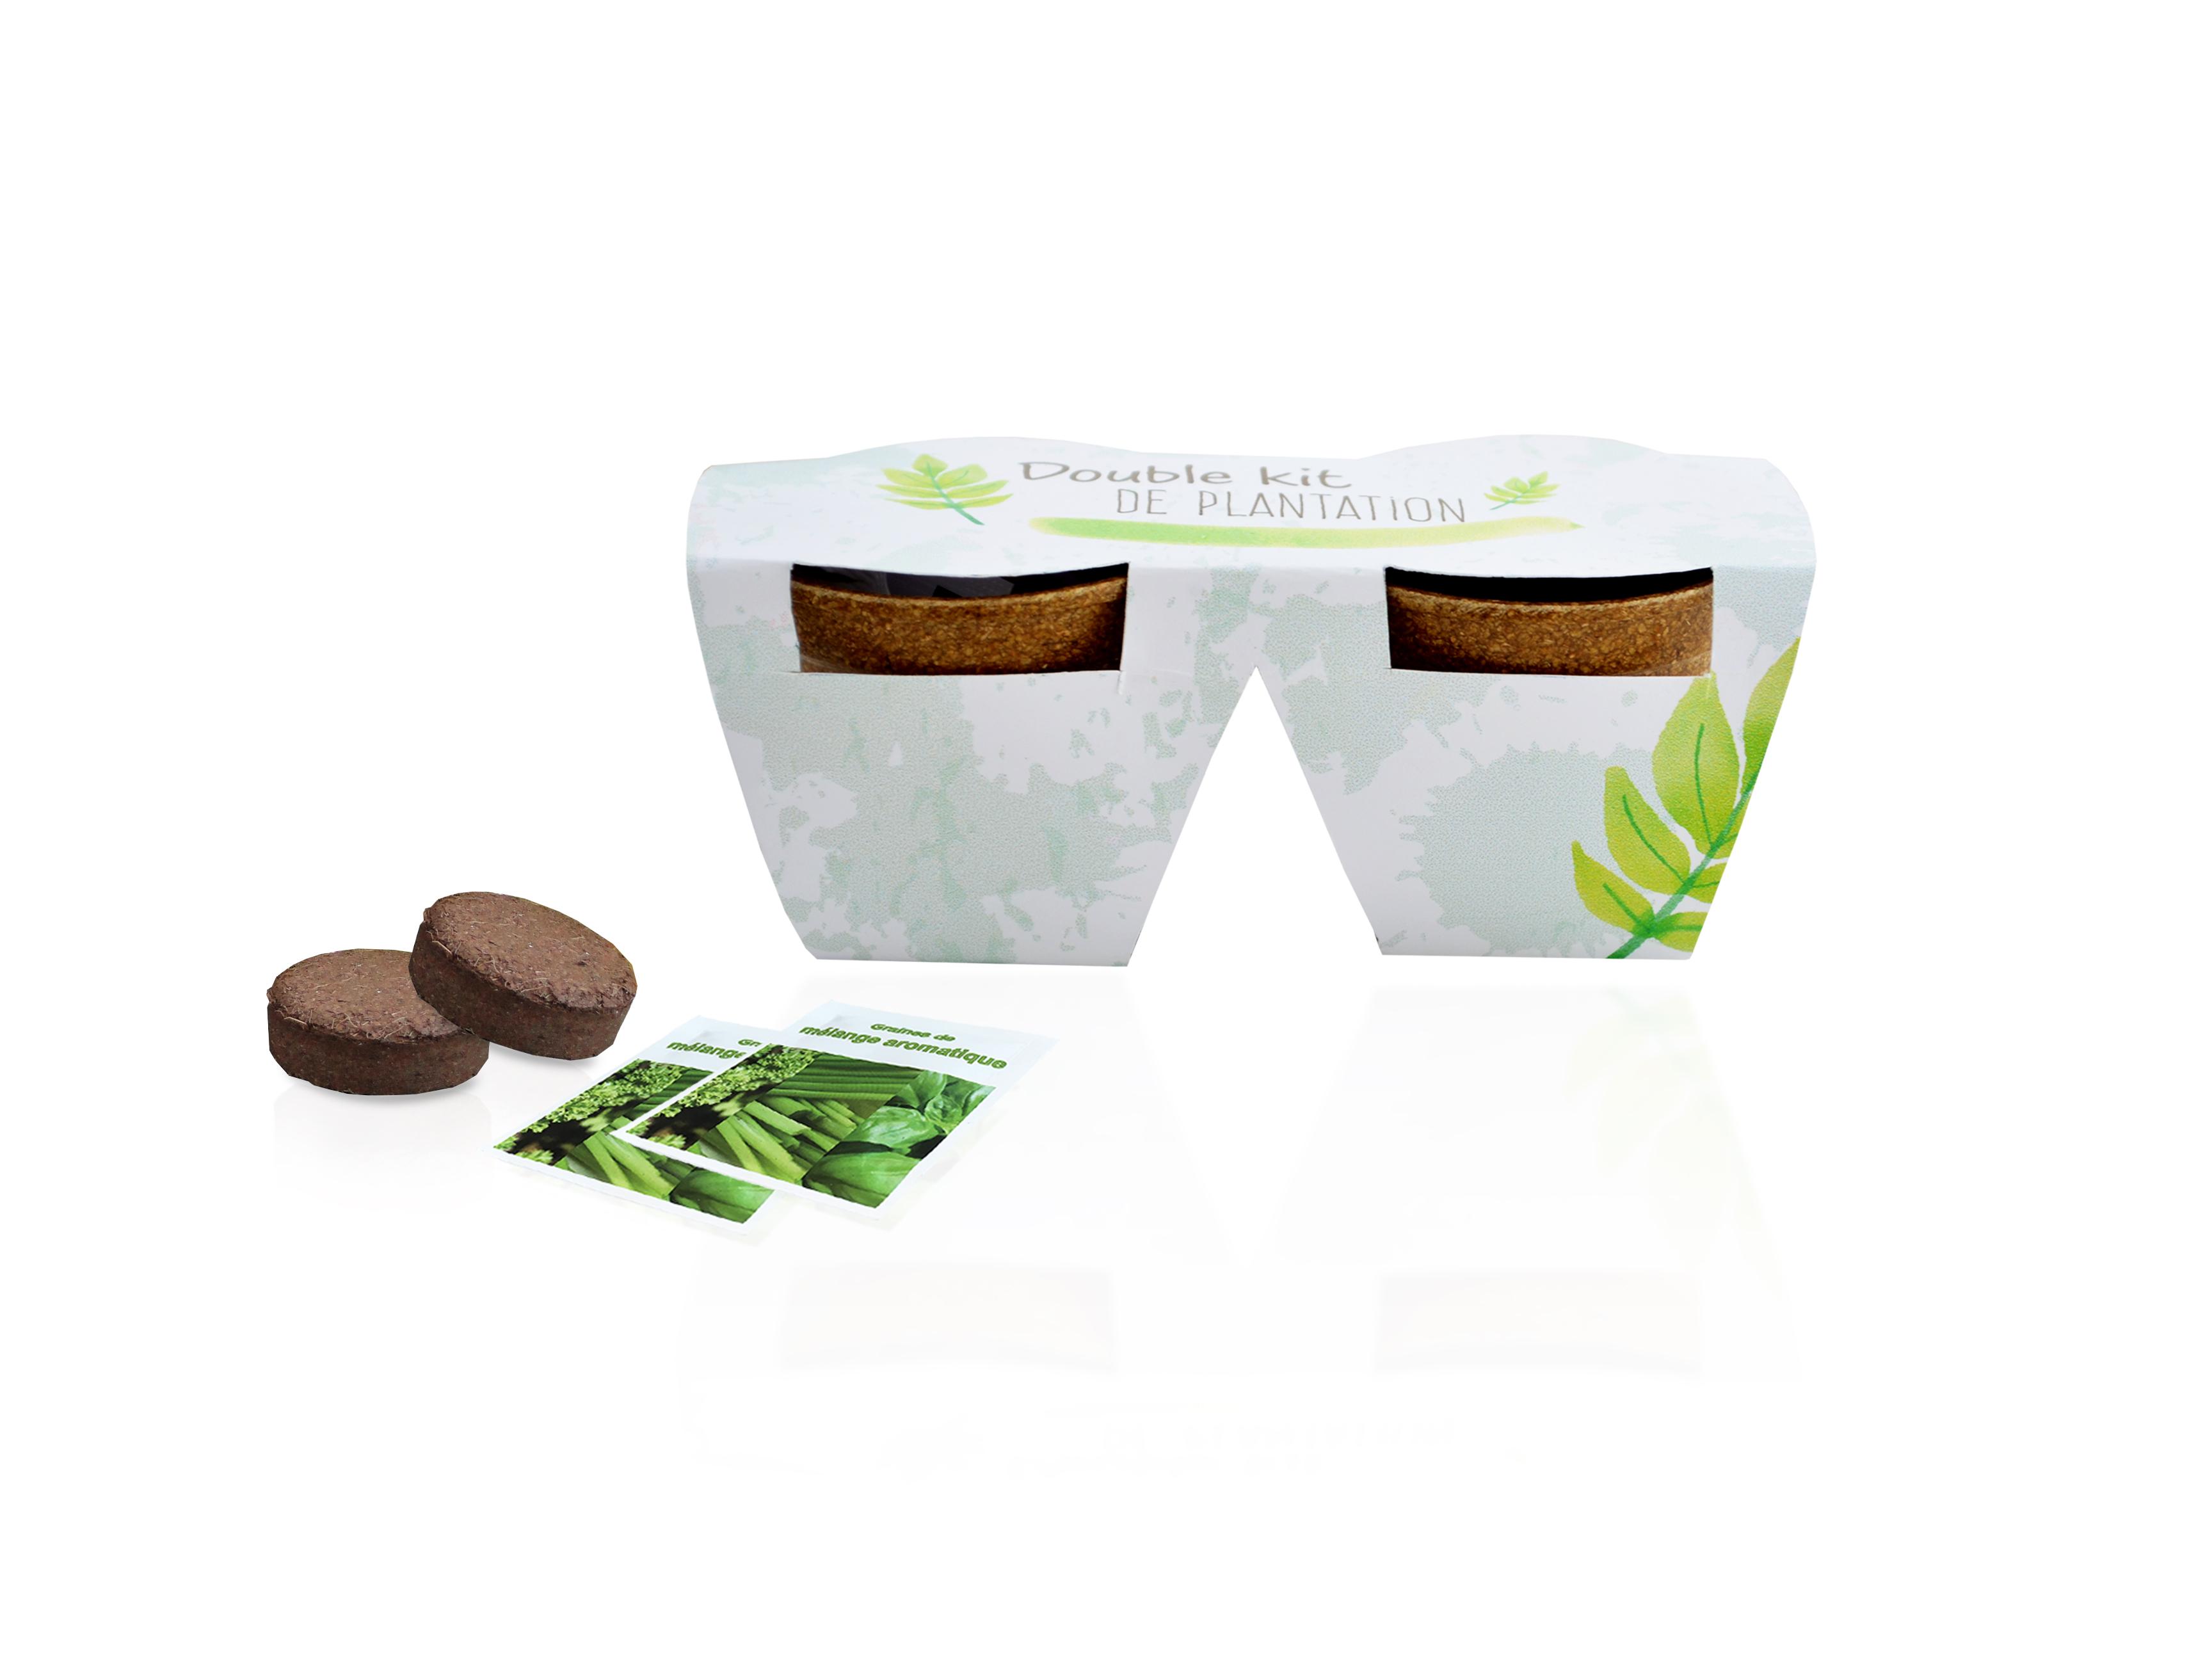 Objet publicitaire écologique - Double kit de plantation écolo - 2 Pots en paille de riz 6 cm